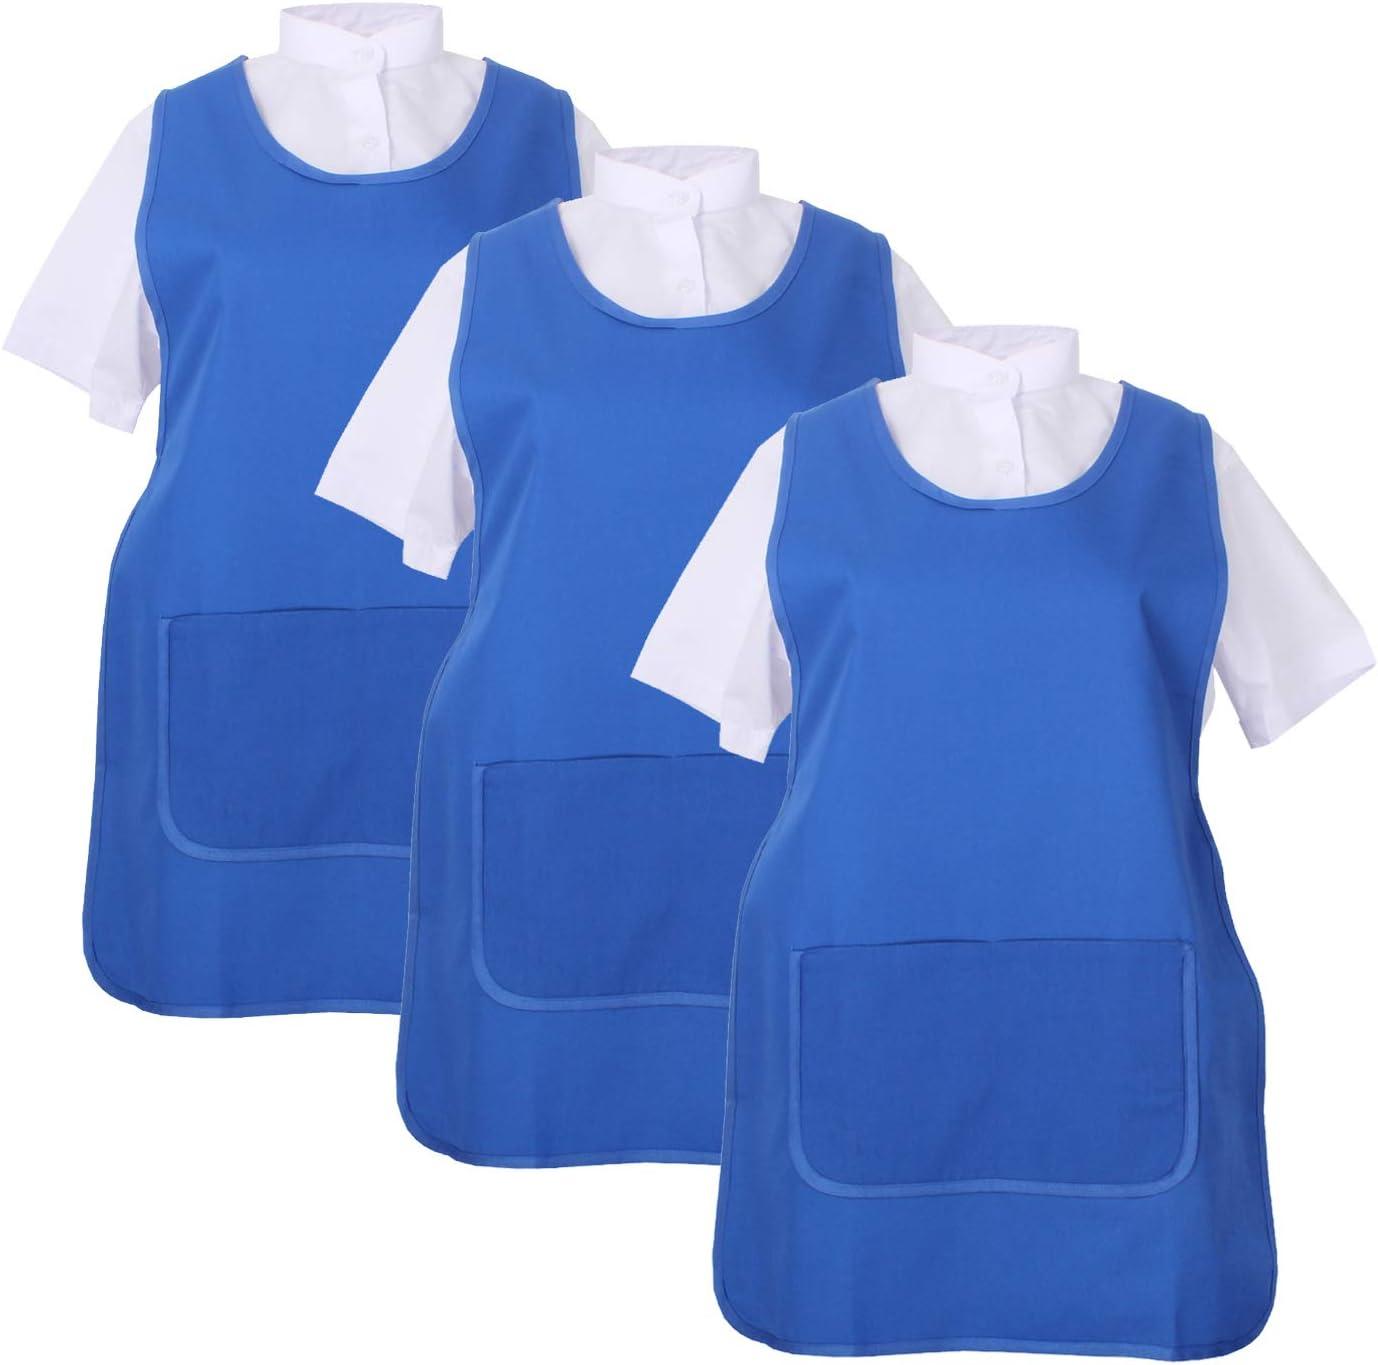 Granate MISEMIYA Delantal Limpieza Uniforme Laboral CLINICA M/ÉDICOS Limpieza Veterinaria Sanitarios HOSTELER/ÍA- Ref.868 Pack* 3 Pcs L Pack*3 Pcs